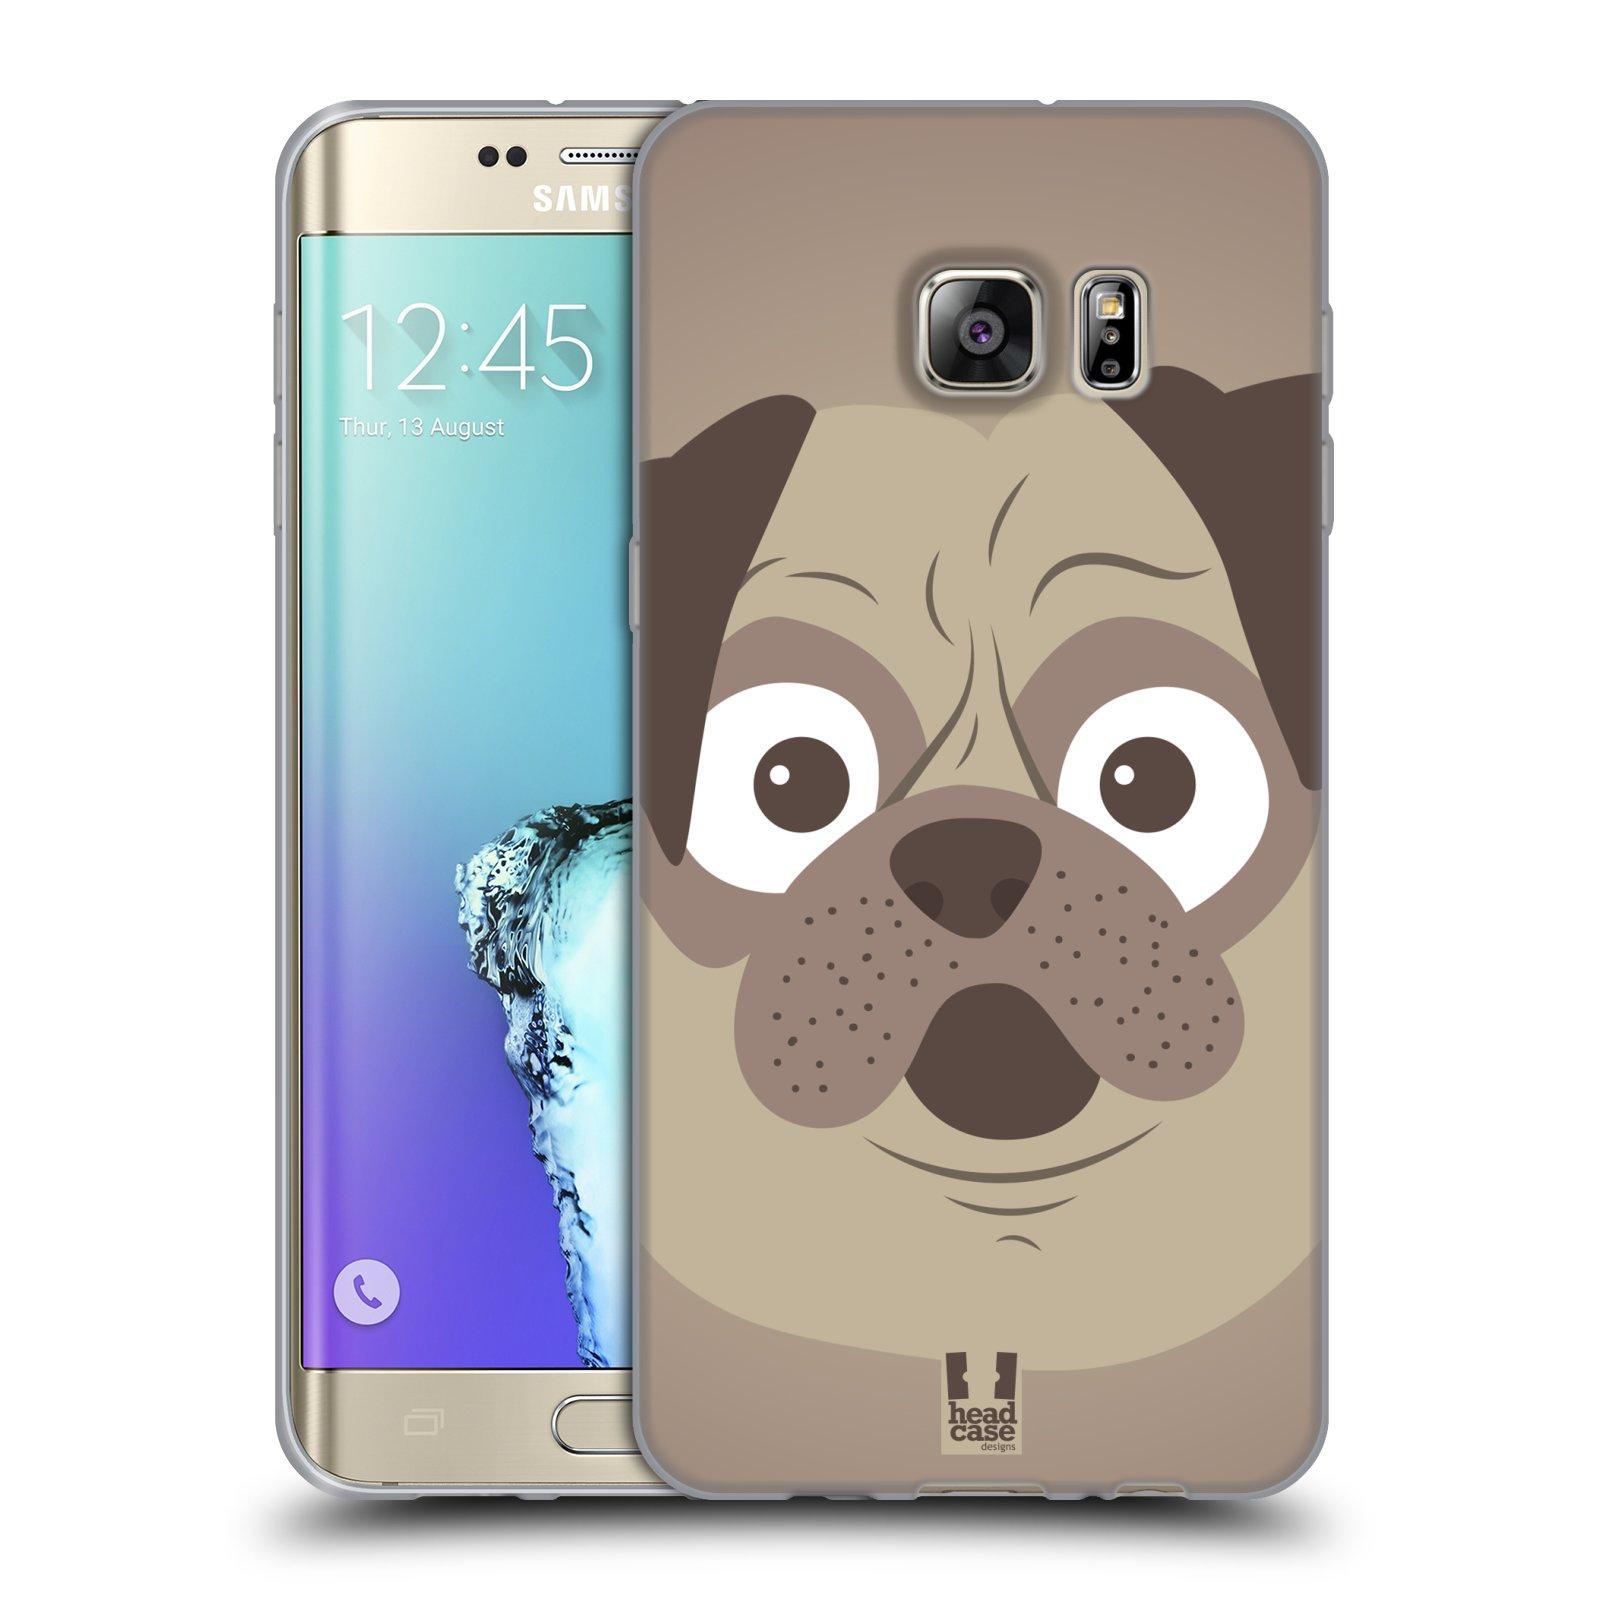 HEAD CASE silikonový obal na mobil Samsung Galaxy S6 EDGE PLUS vzor Cartoon Karikatura barevná kreslená zvířátka pes mopsík